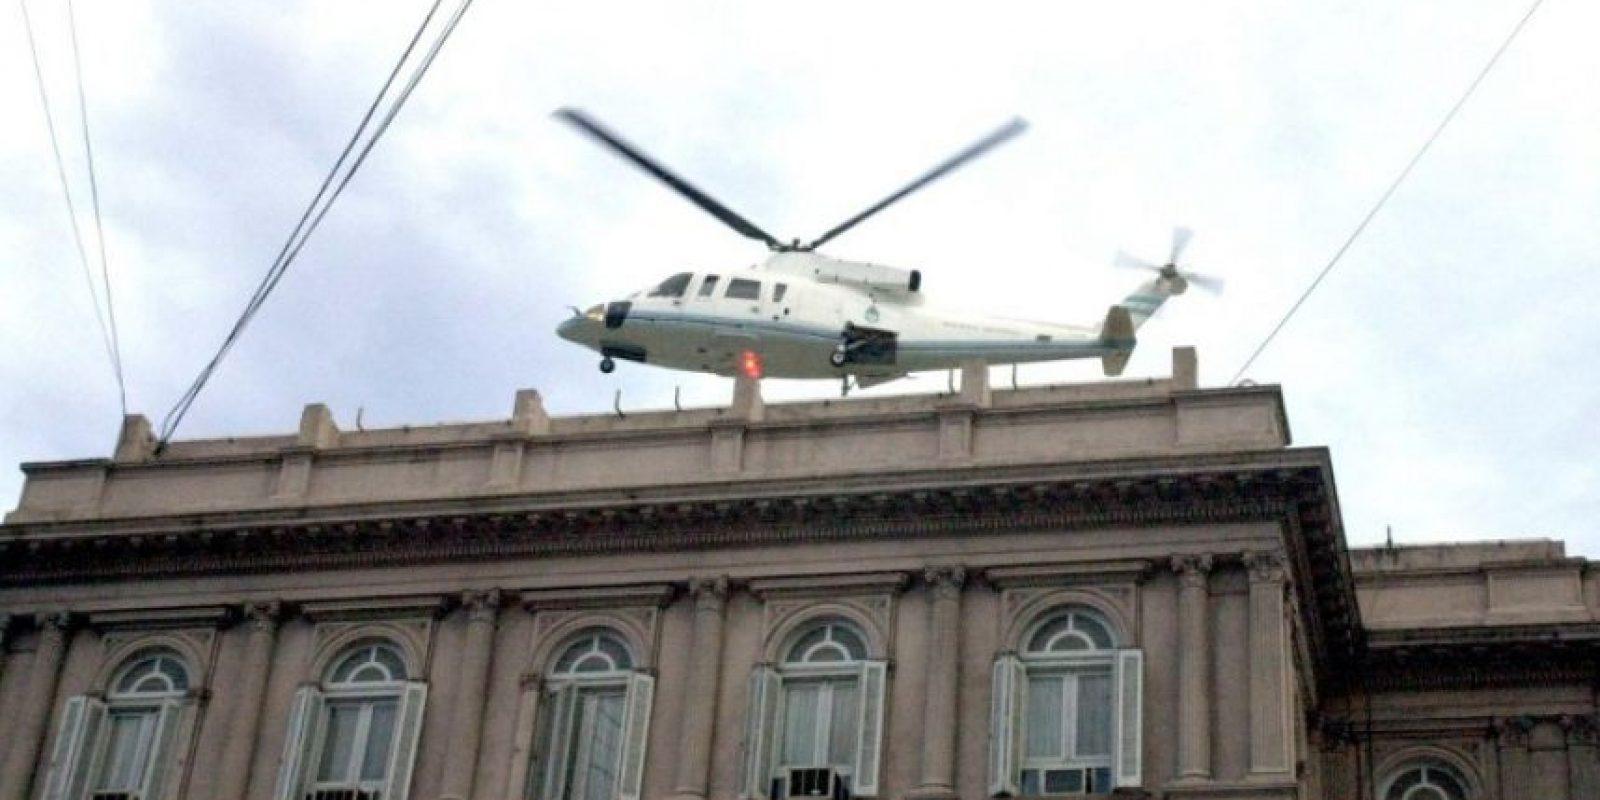 Momento en que el renunciado presidente de Argentina escapa de la Casa Rosada en helicóptero ante la tensión social. Foto:AFP. Imagen Por: